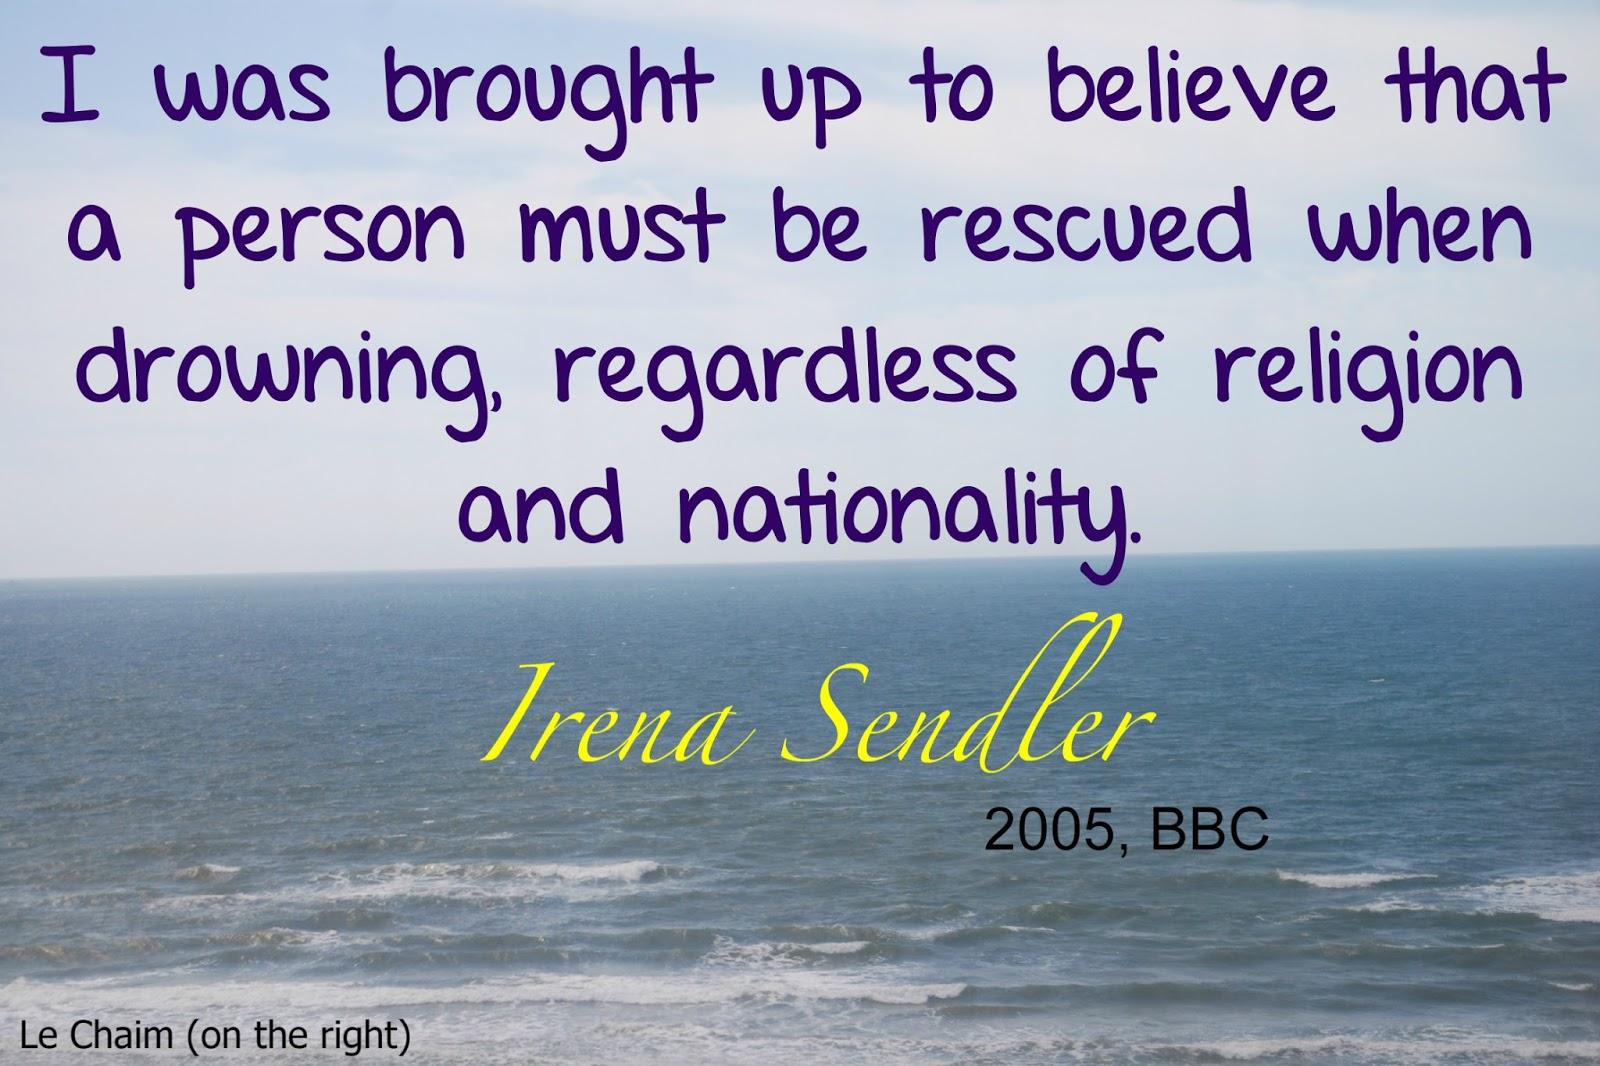 Irena Sendler Quotes. QuotesGram